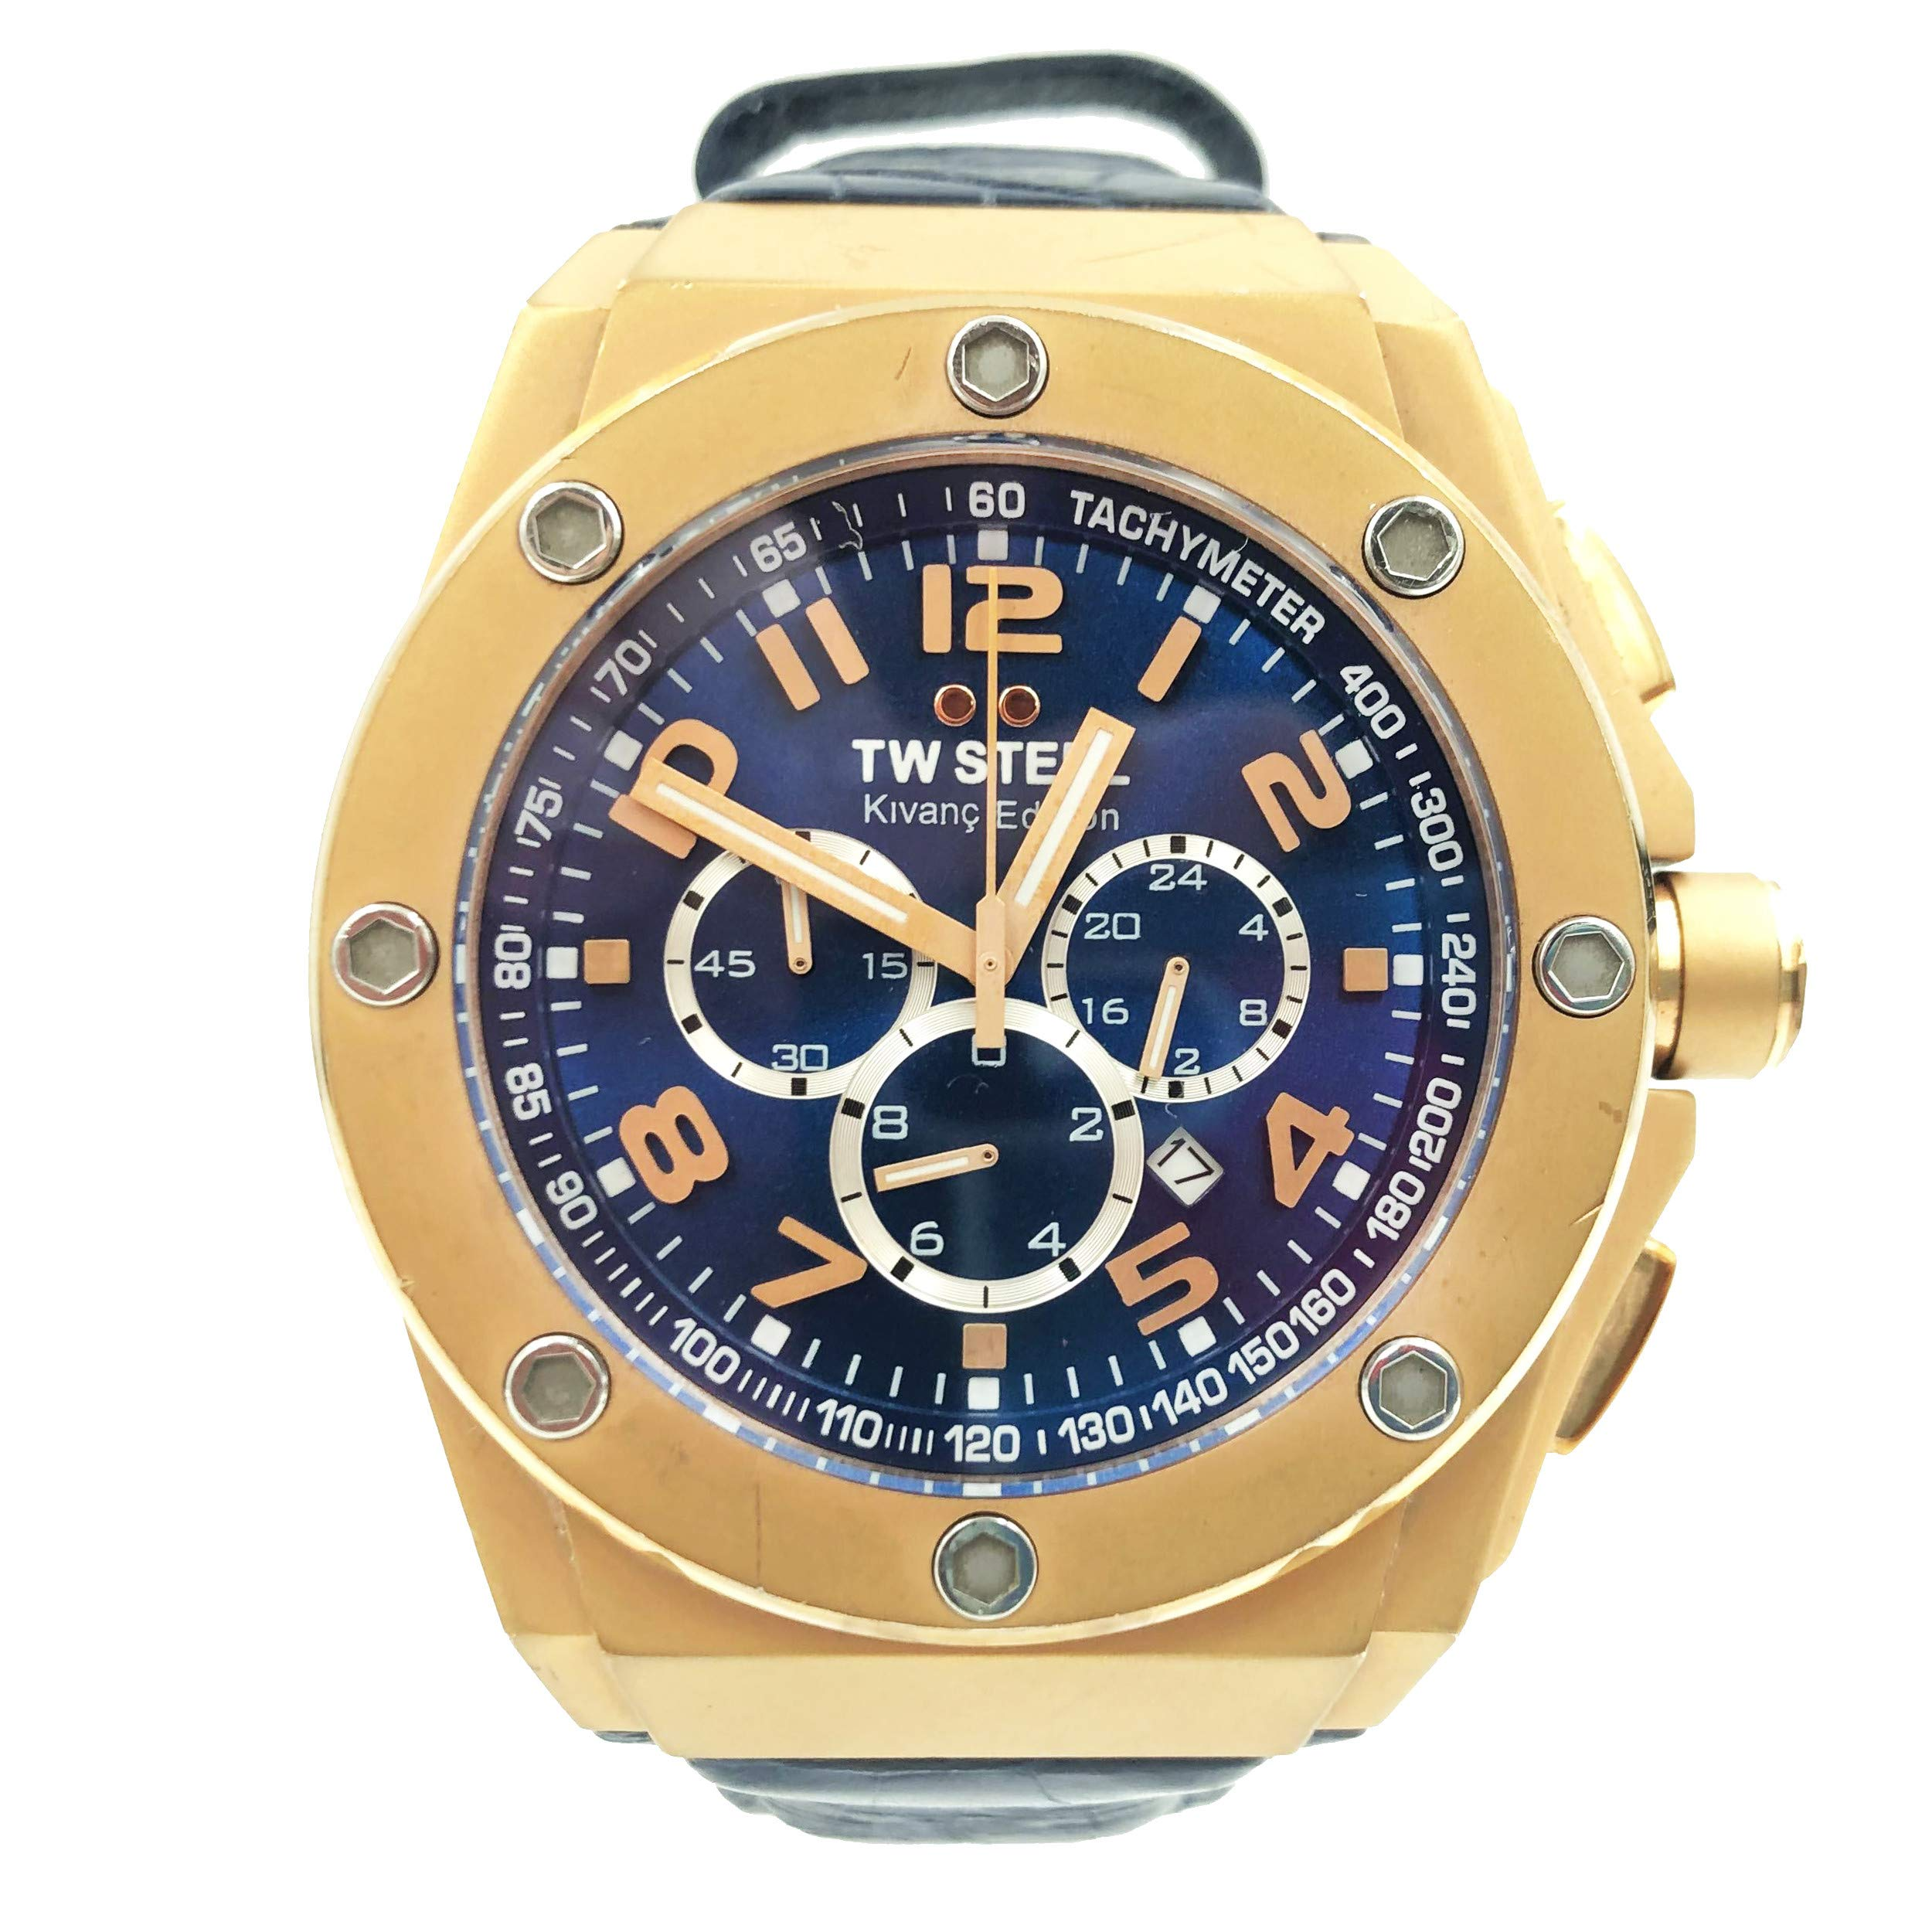 TW Steel CEO Quartz Male Watch CE4004 (Certified Pre-Owned) by TW Steel